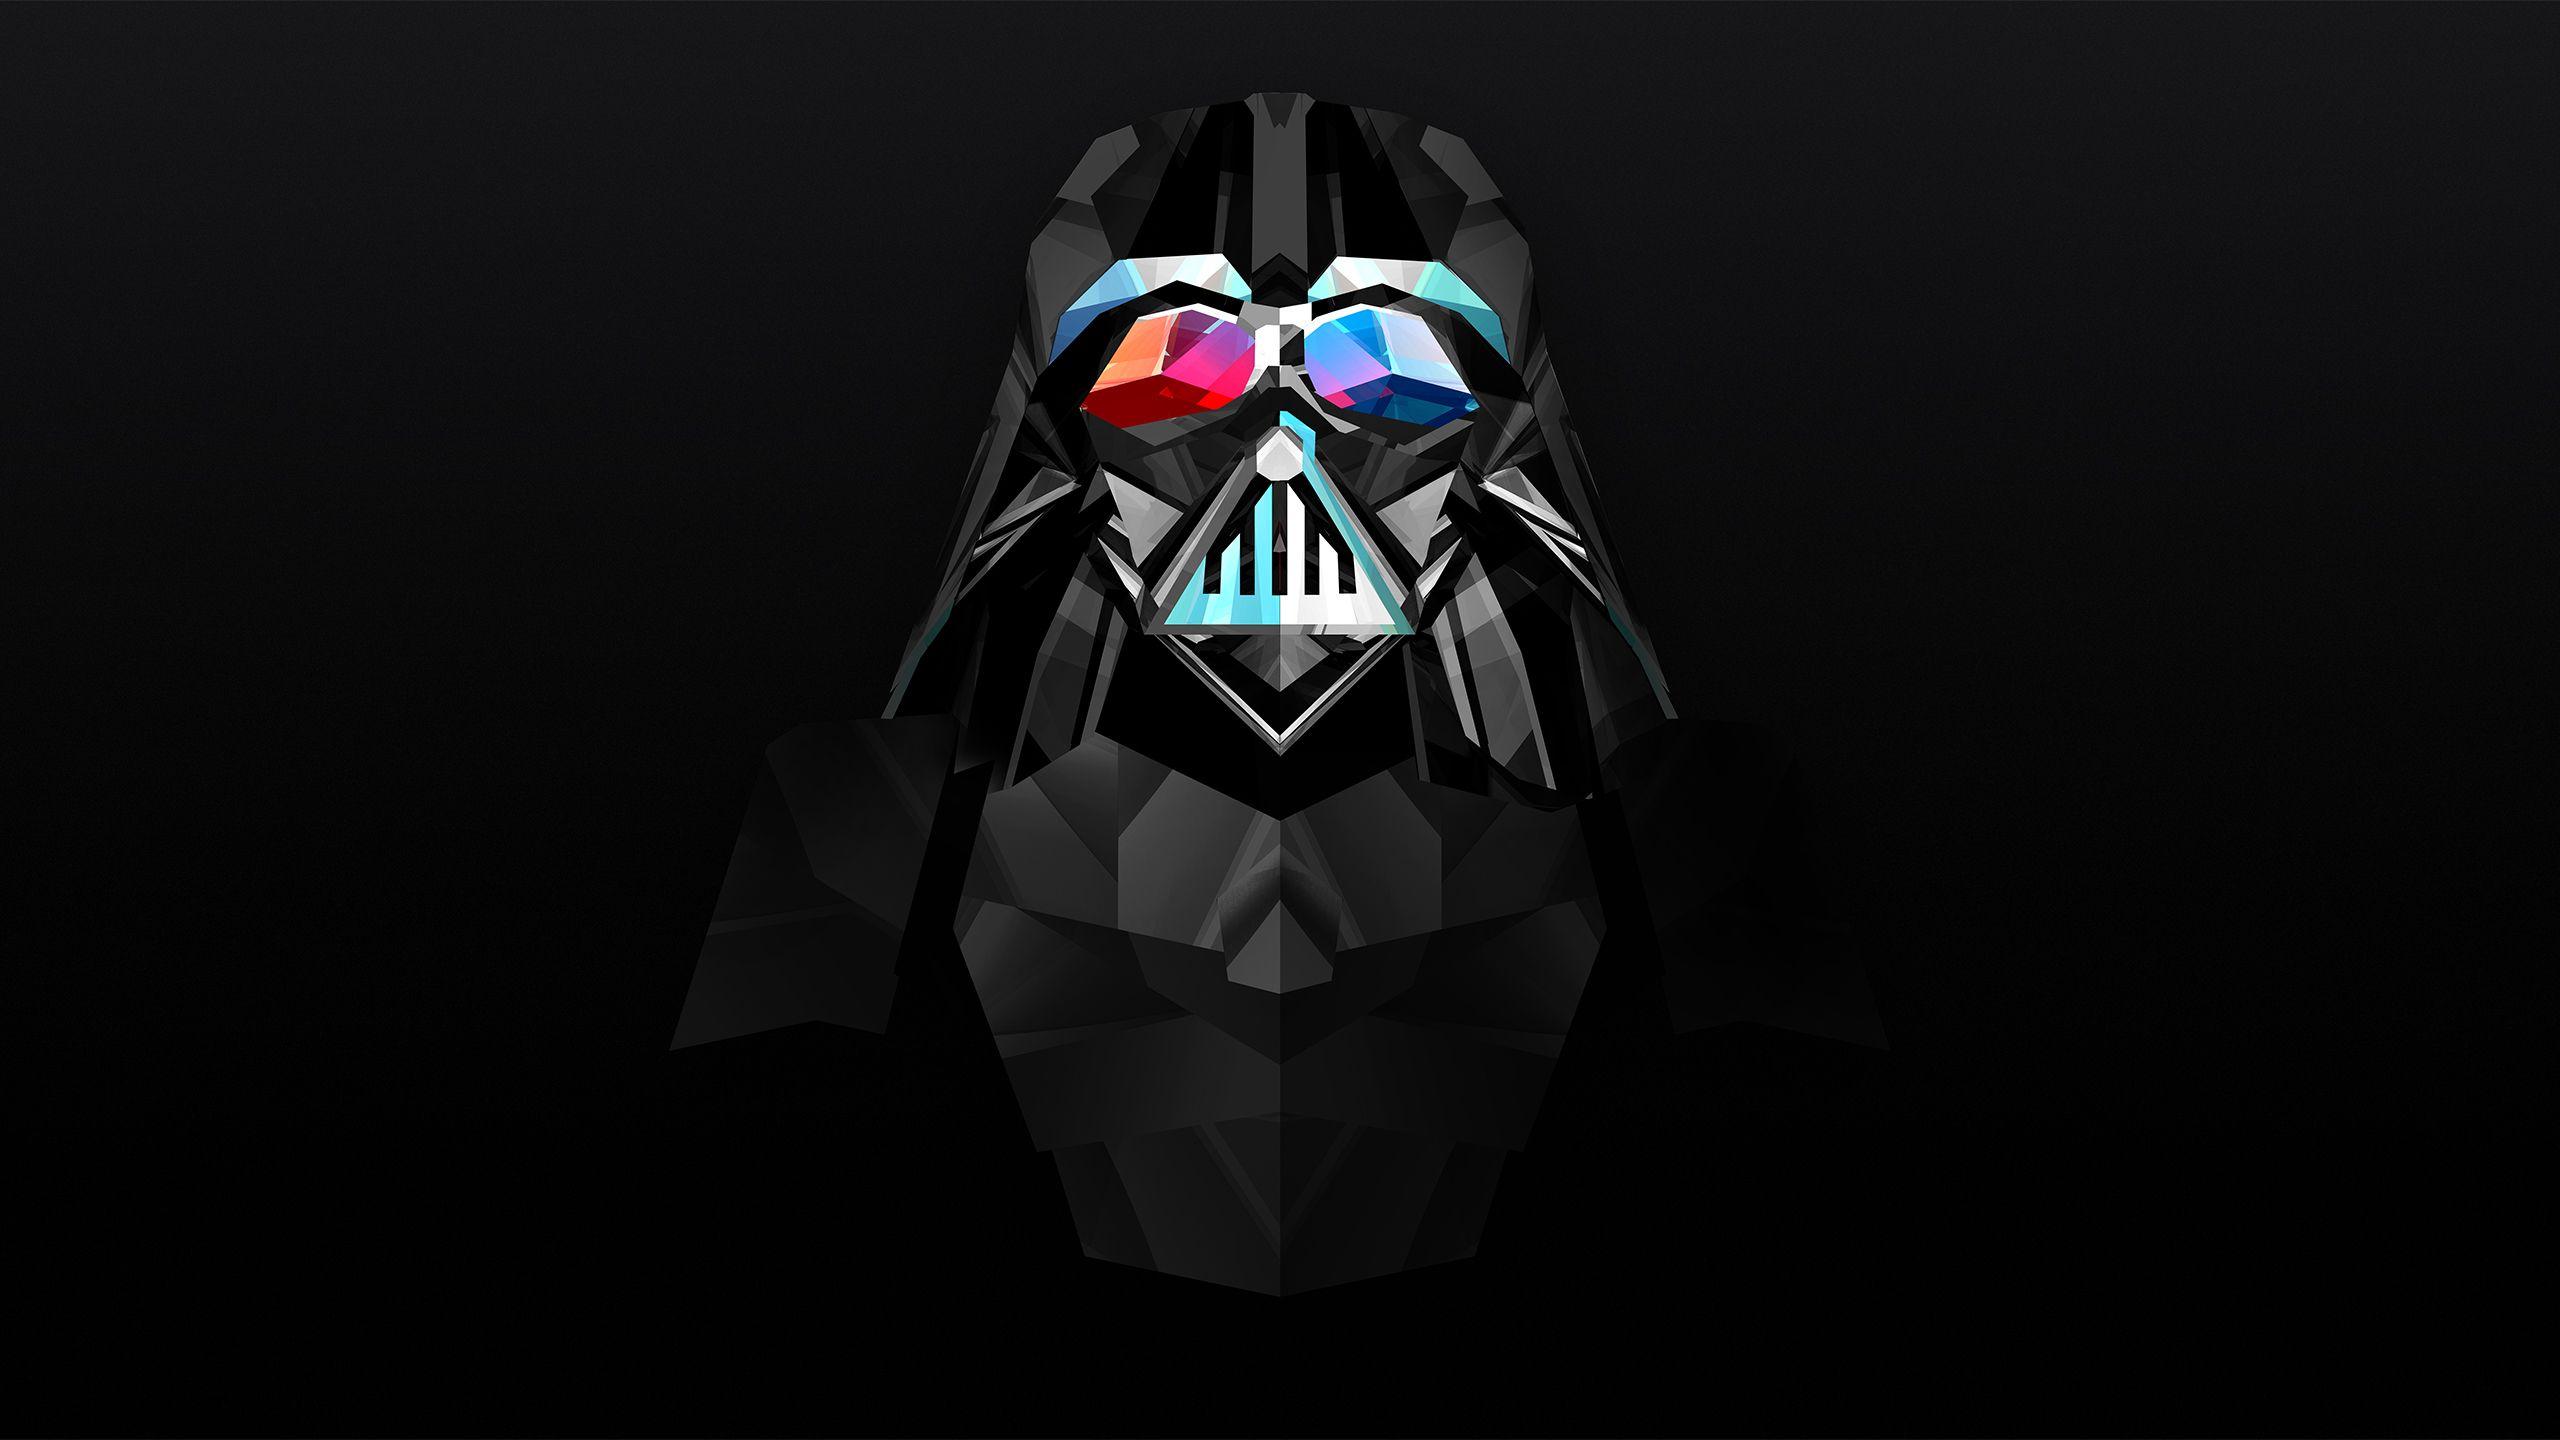 Darth Vader Justin Maller Justin maller Stunning wallpapers 2560x1440